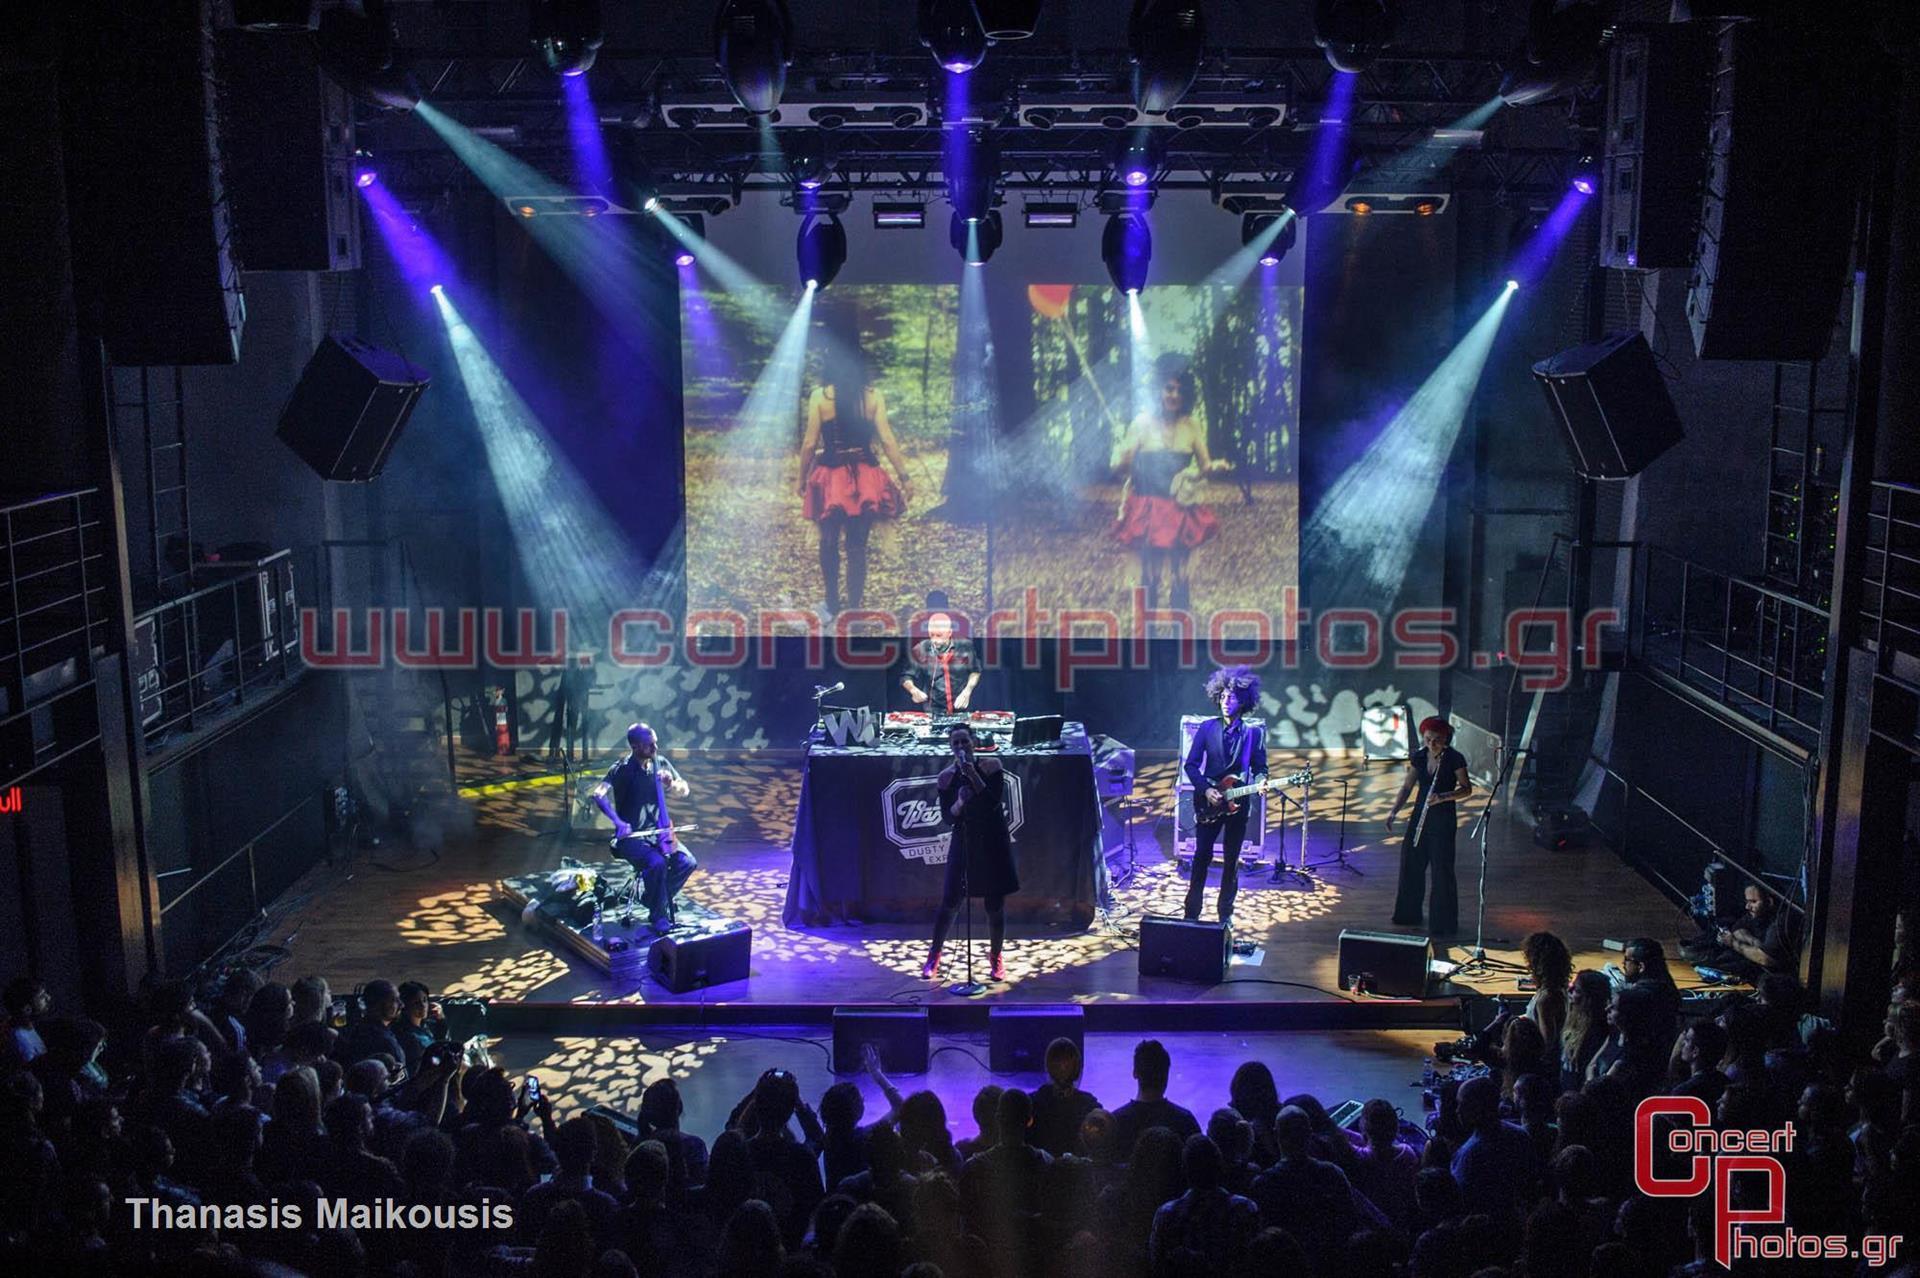 Wax Tailor - photographer: Thanasis Maikousis - ConcertPhotos-8065